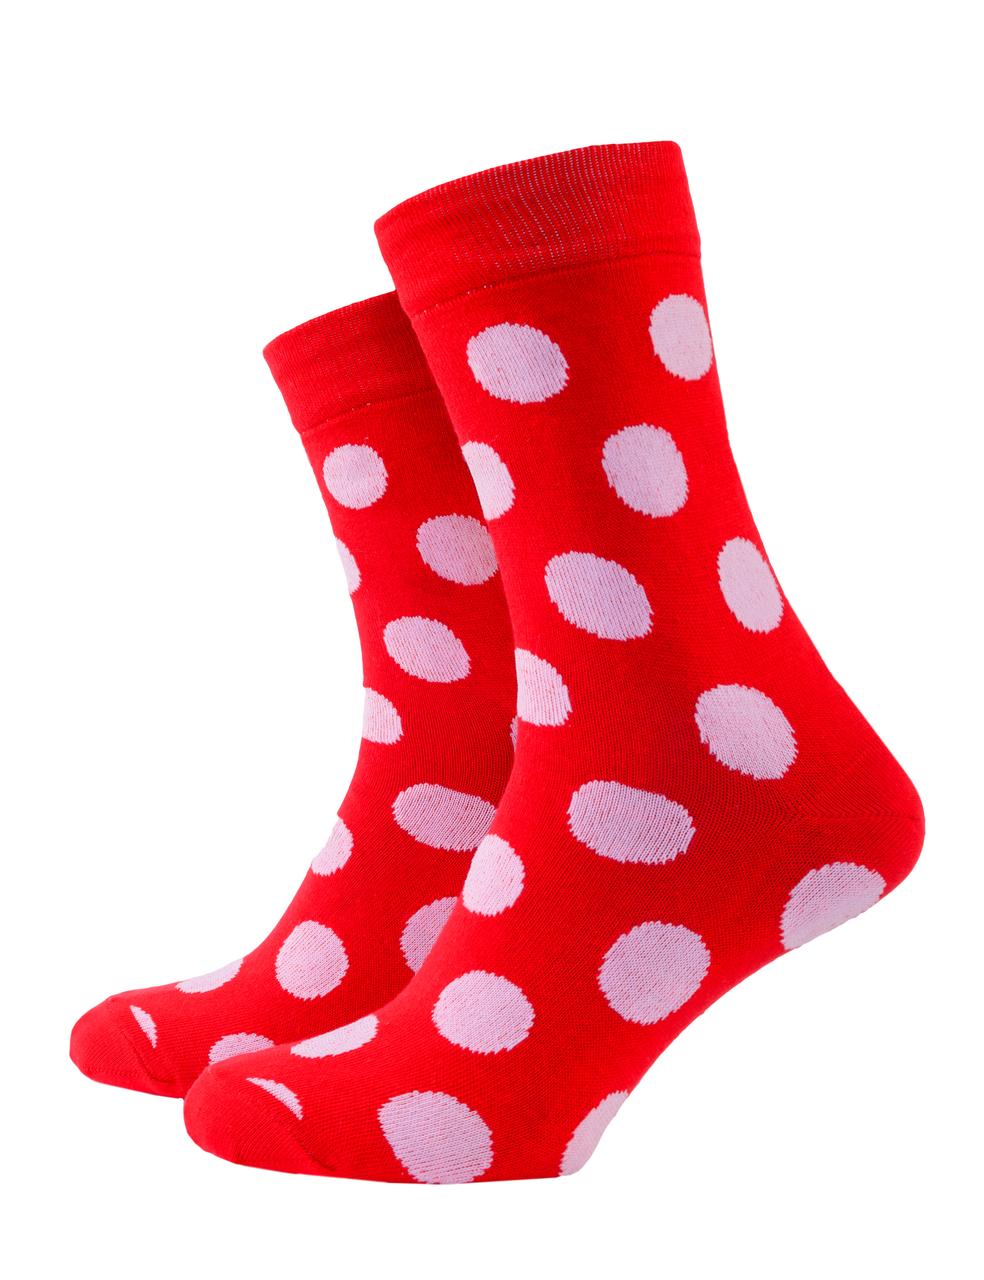 Носки Mushka Beboss dot (DRW001) 36-39